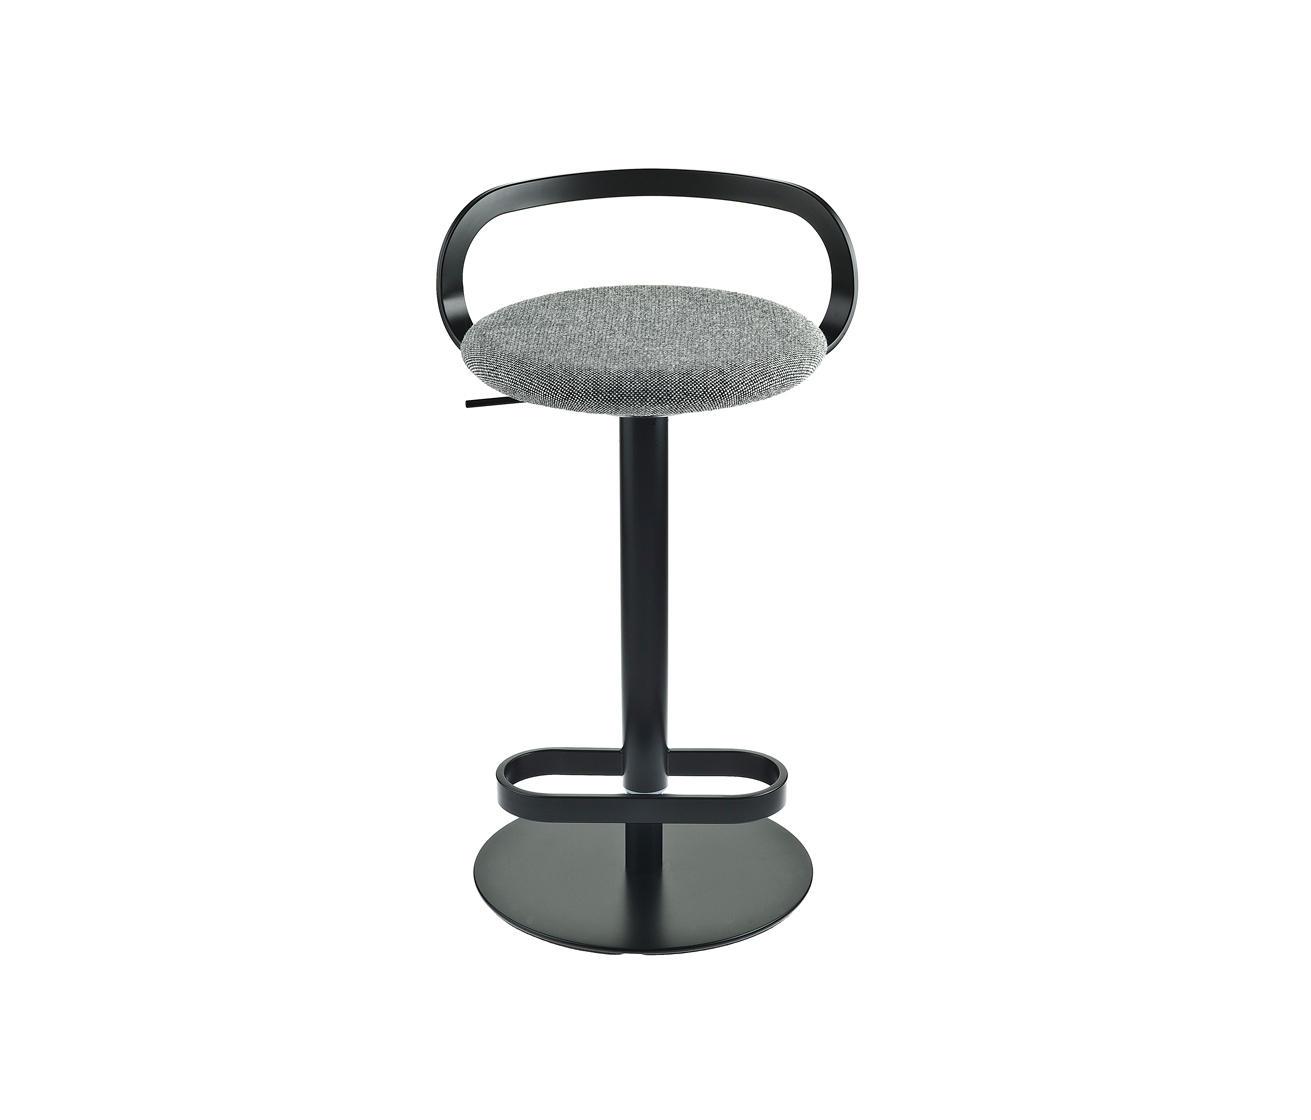 坐具|吧椅/凳子|创意家具|现代家居|时尚家具|设计师家具|定制家具|实木家具|MAK 吧椅/高脚椅